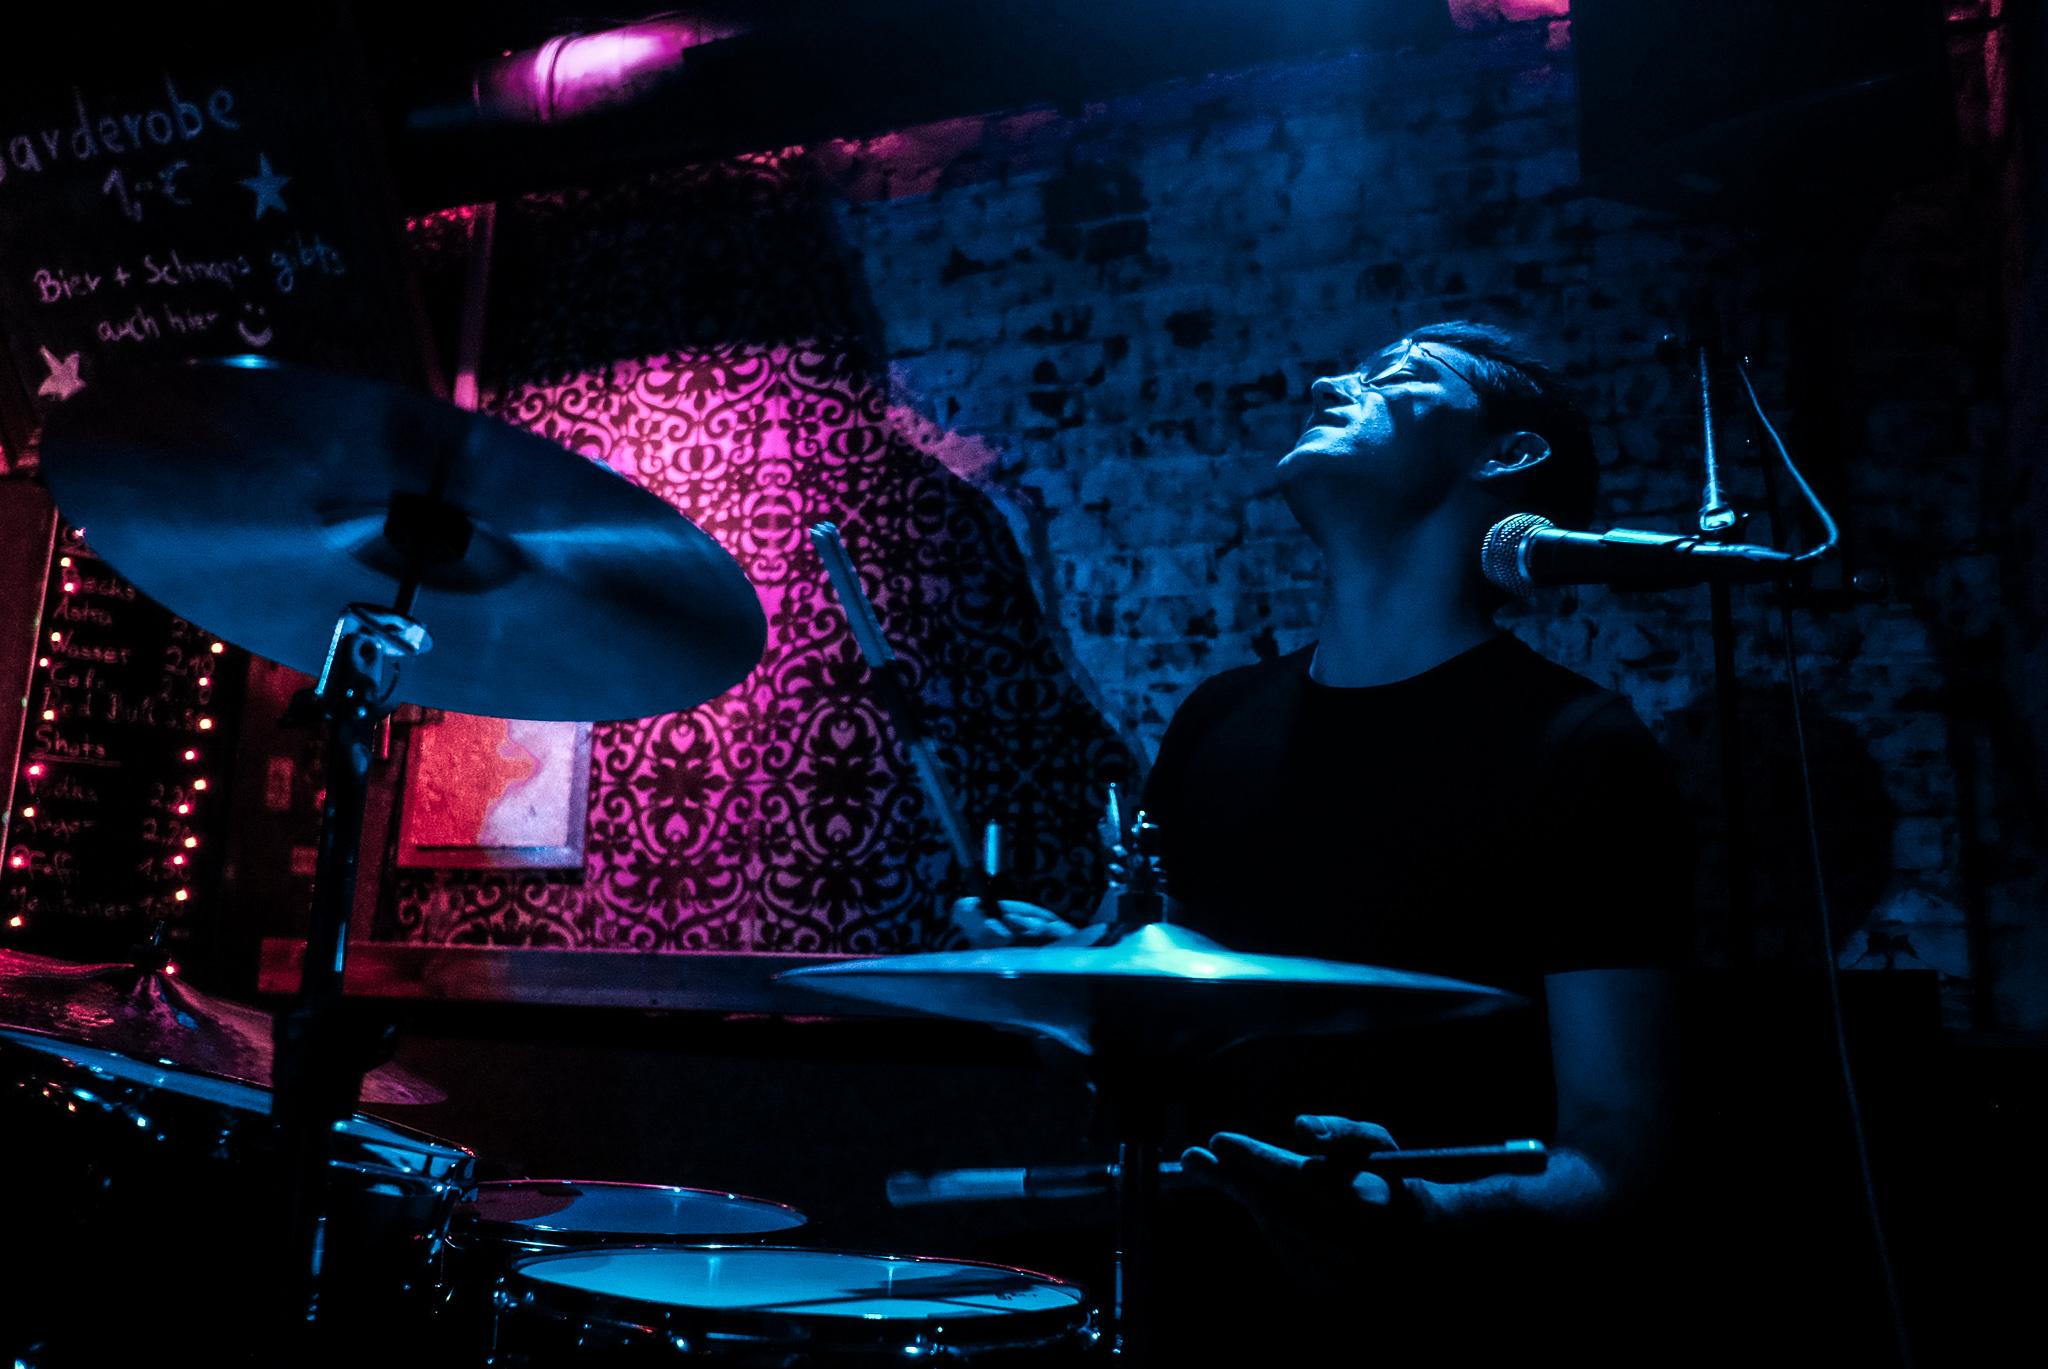 Julian Leucht überzeugte mit ihrem kräftigen Blues-Rock. Treibende Beats und energiegeladene Gitarren-, sowie Mundharmonika-Soli heizten dem Publikum ordentlich ein.